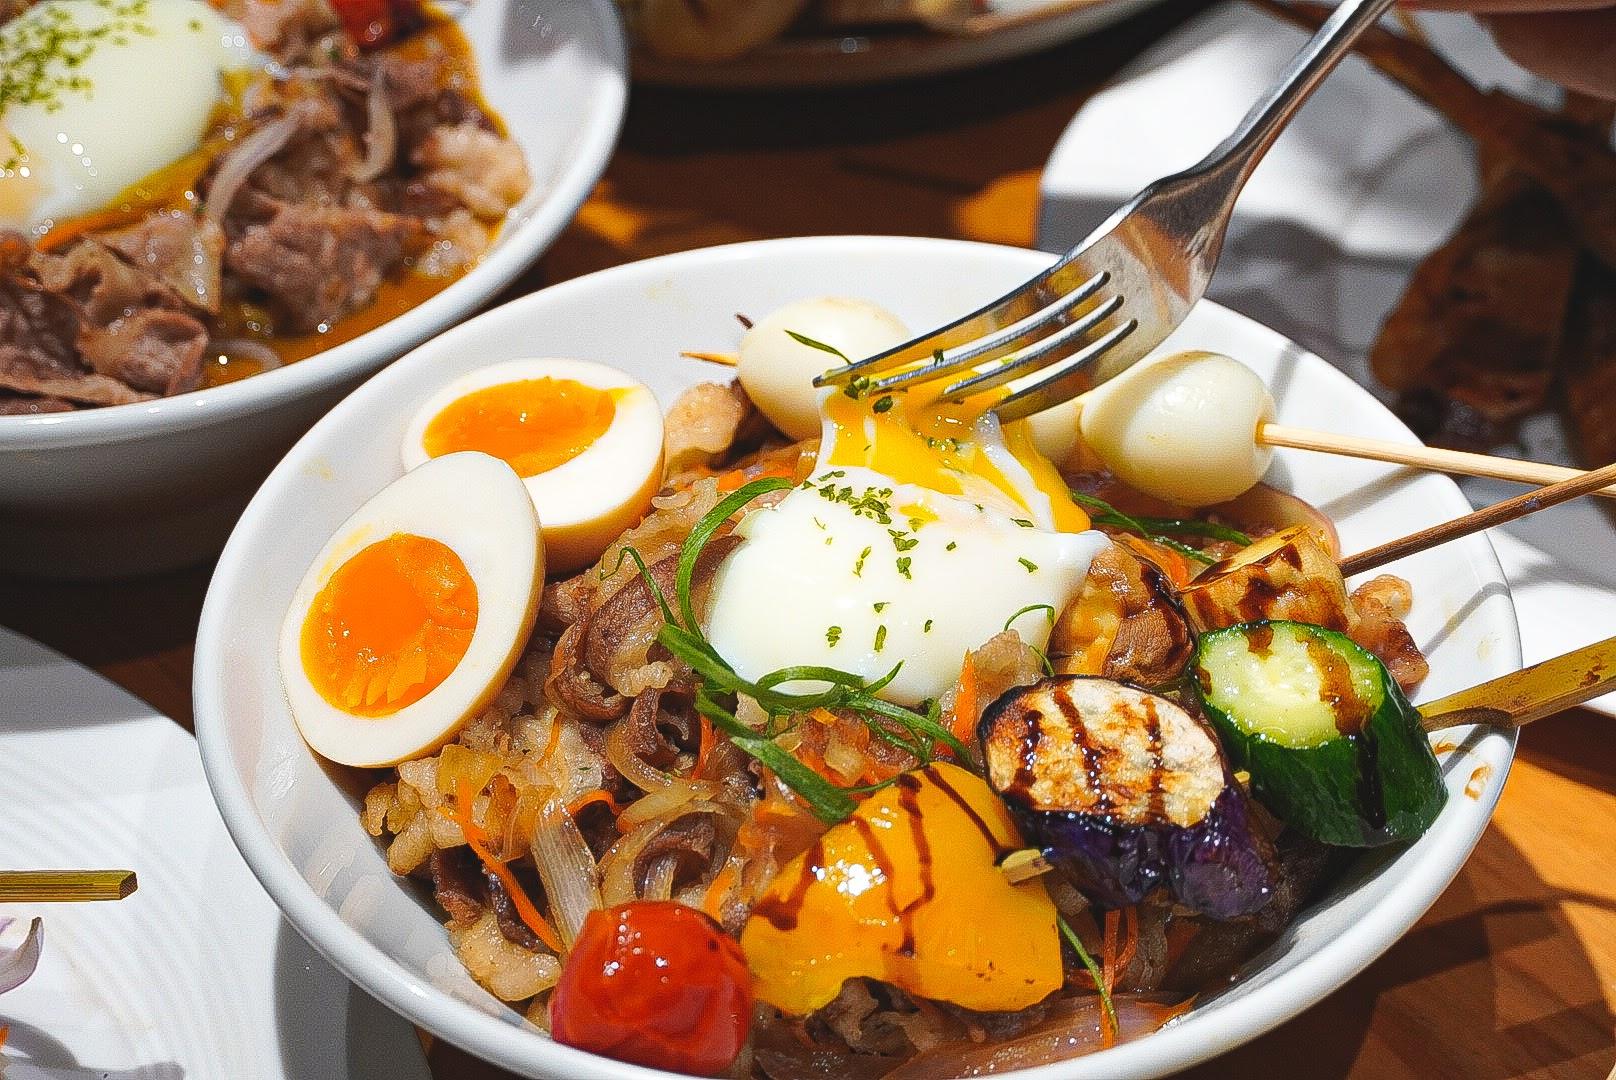 台南義式餐廳推薦|【YO義思】充滿文藝感的義式餐廳,美味料理好吃又好拍!|台南好市多附近平價美食